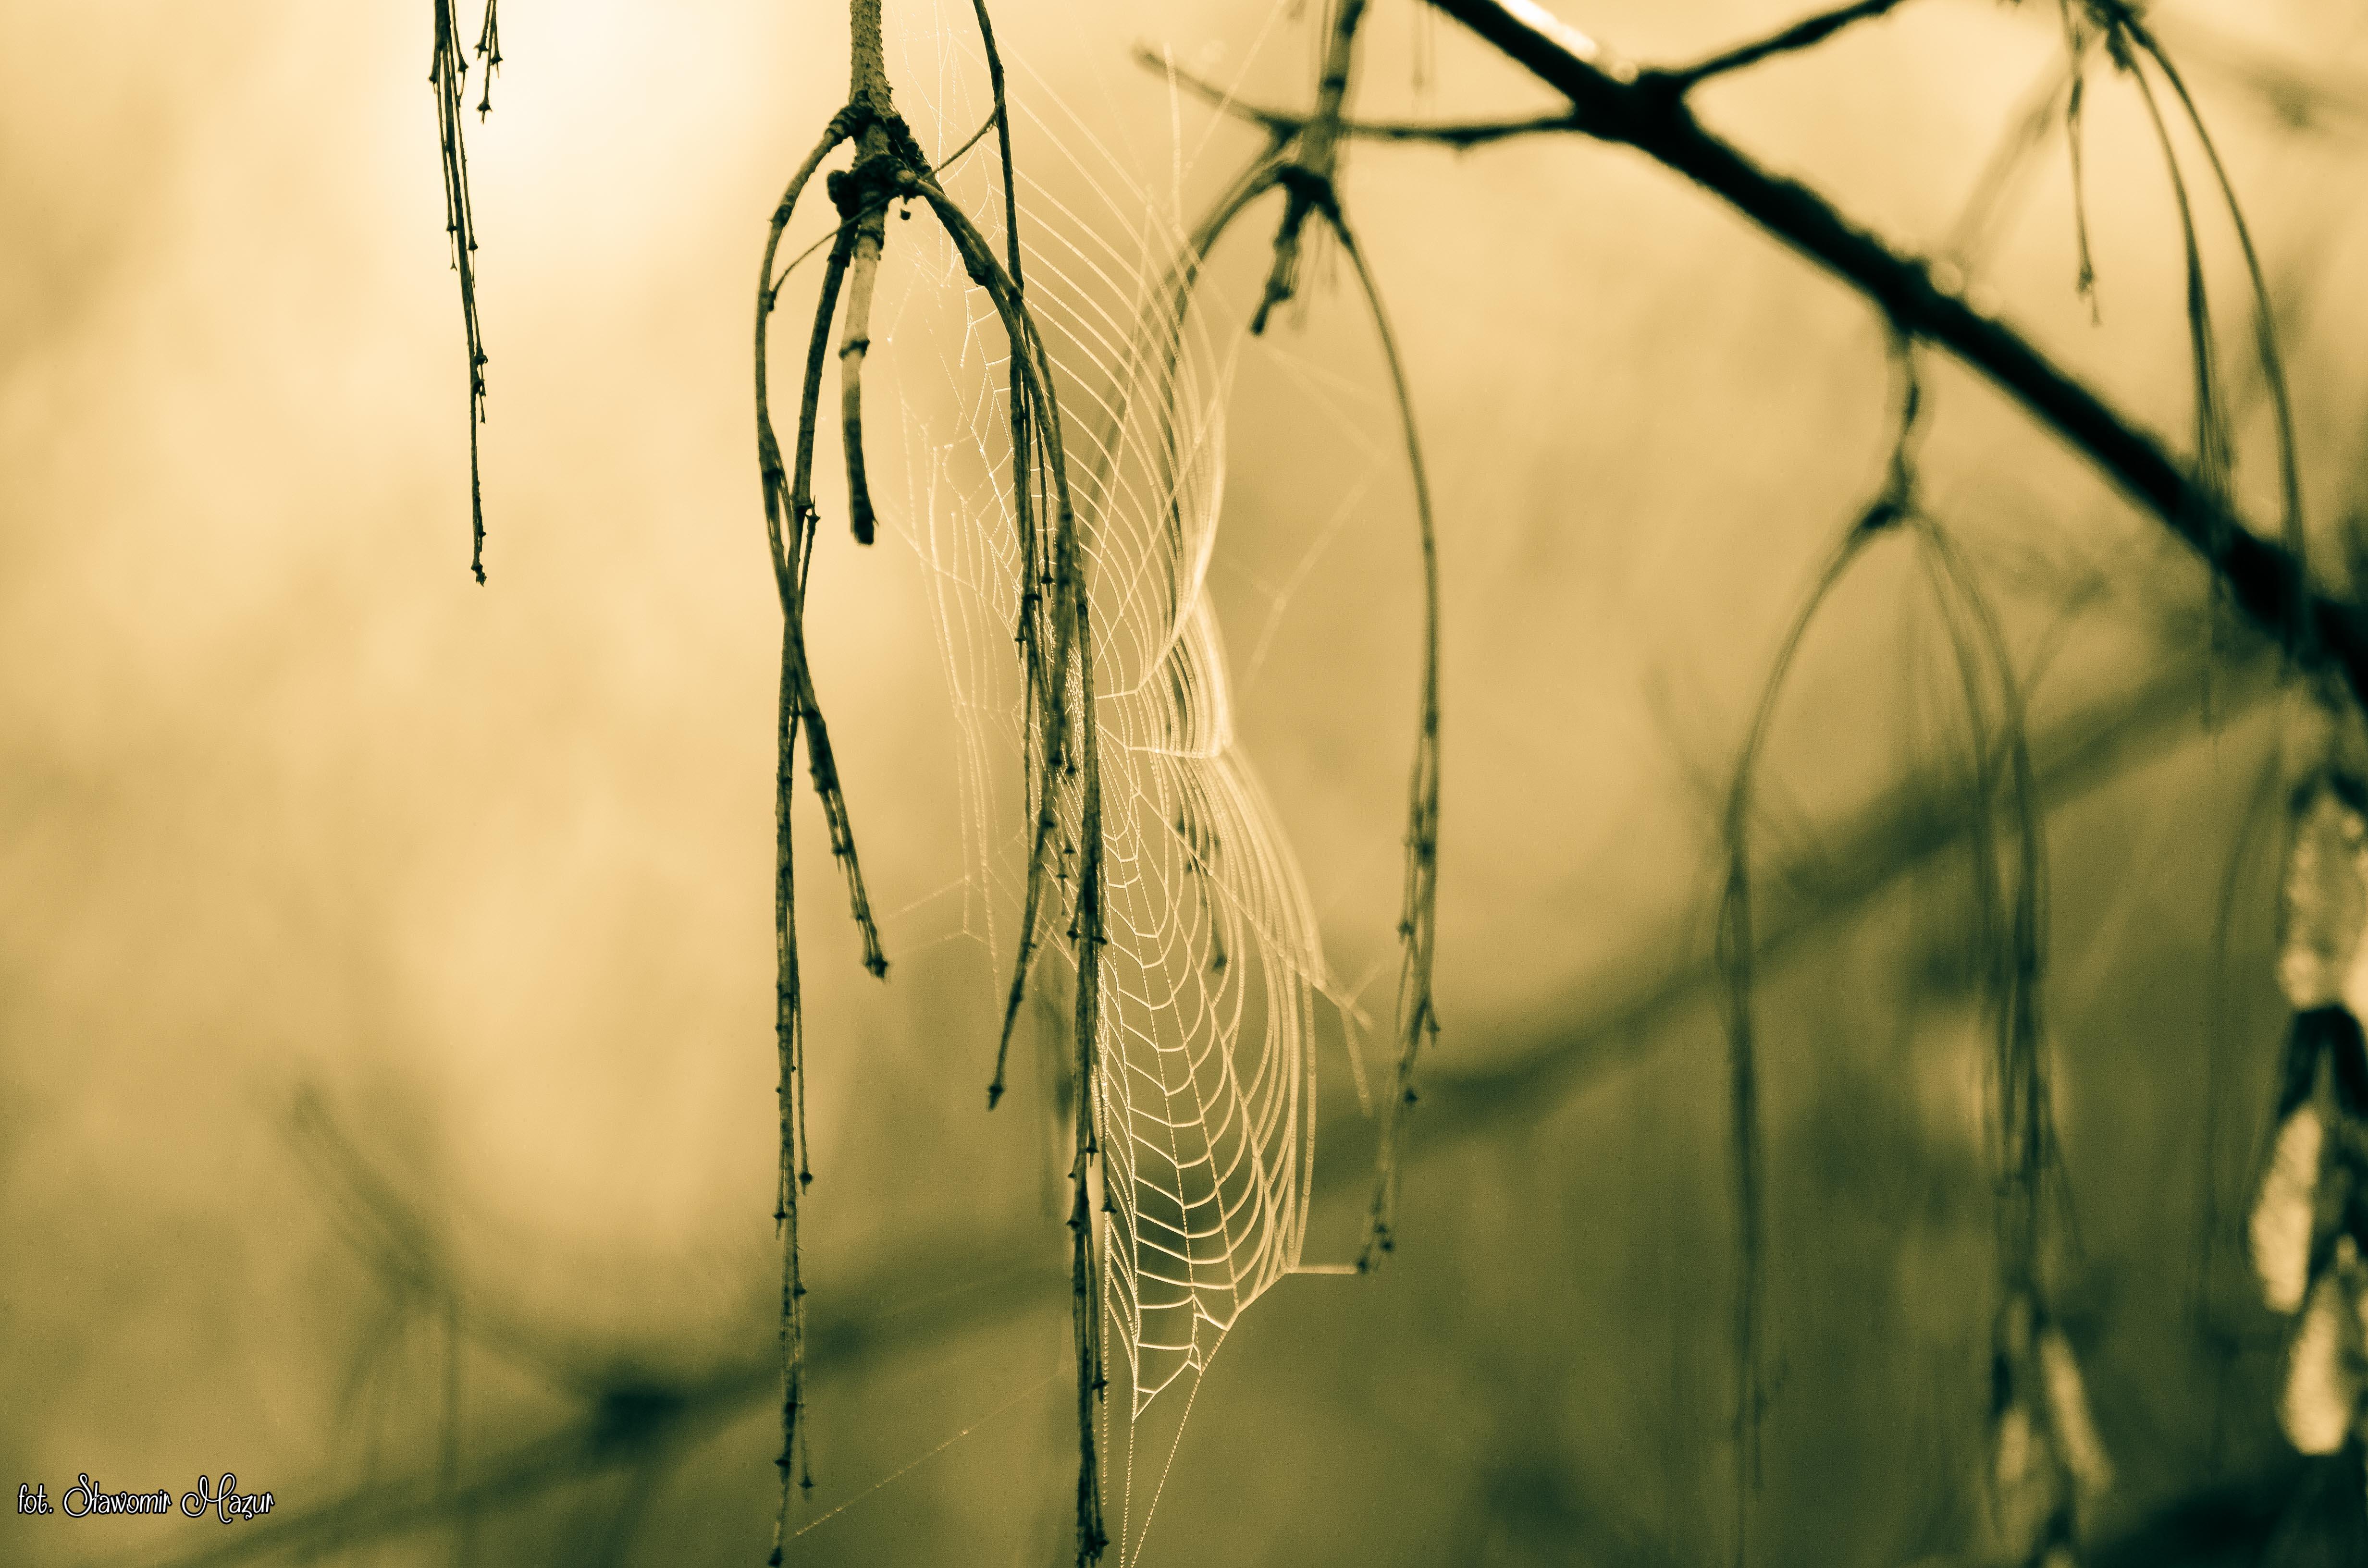 spider artist weaver2